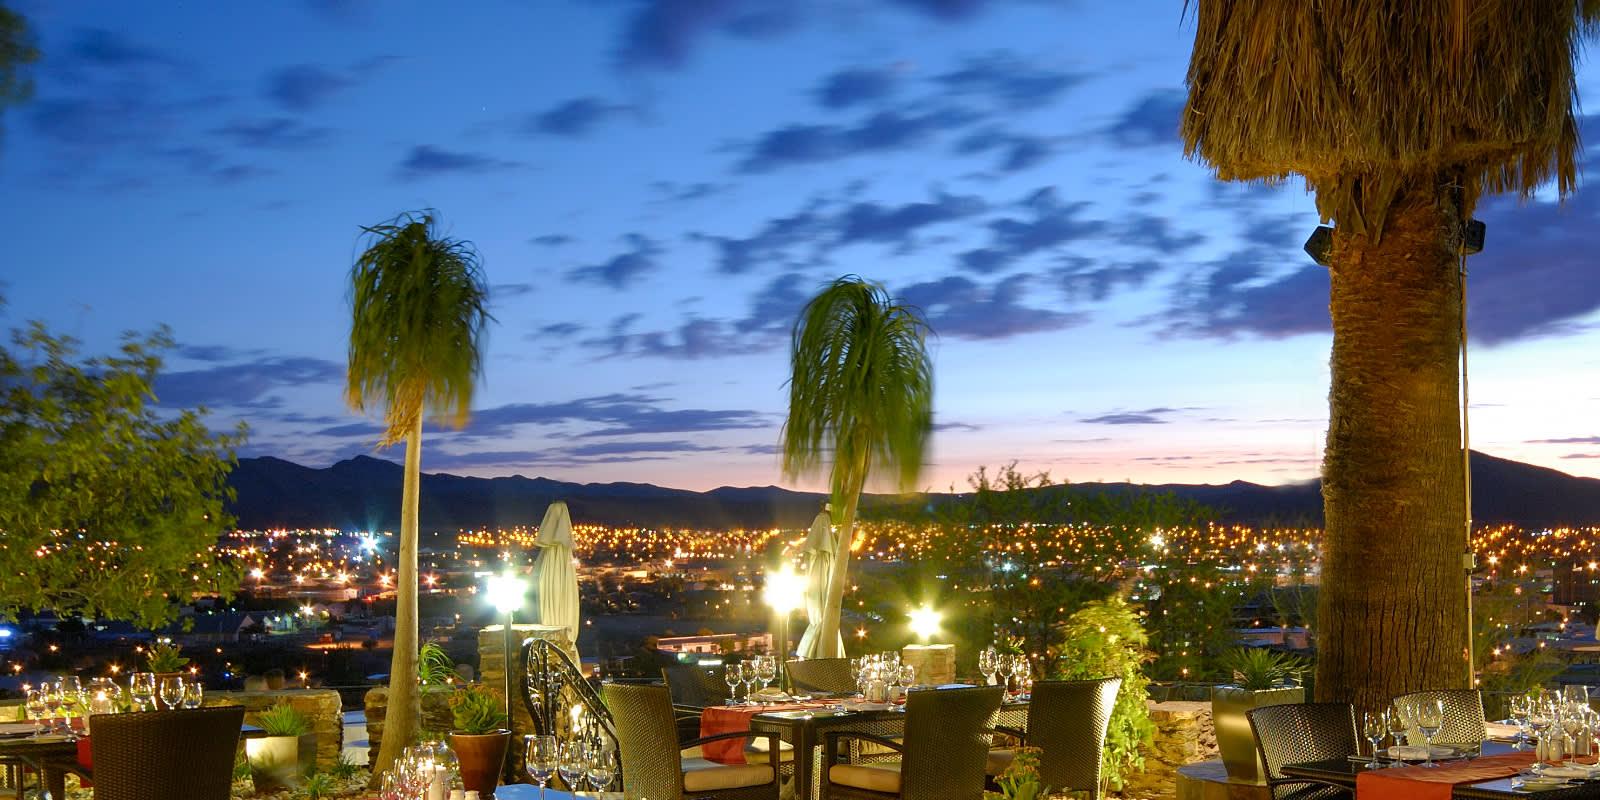 Ausblick auf Windhoek bei Nacht